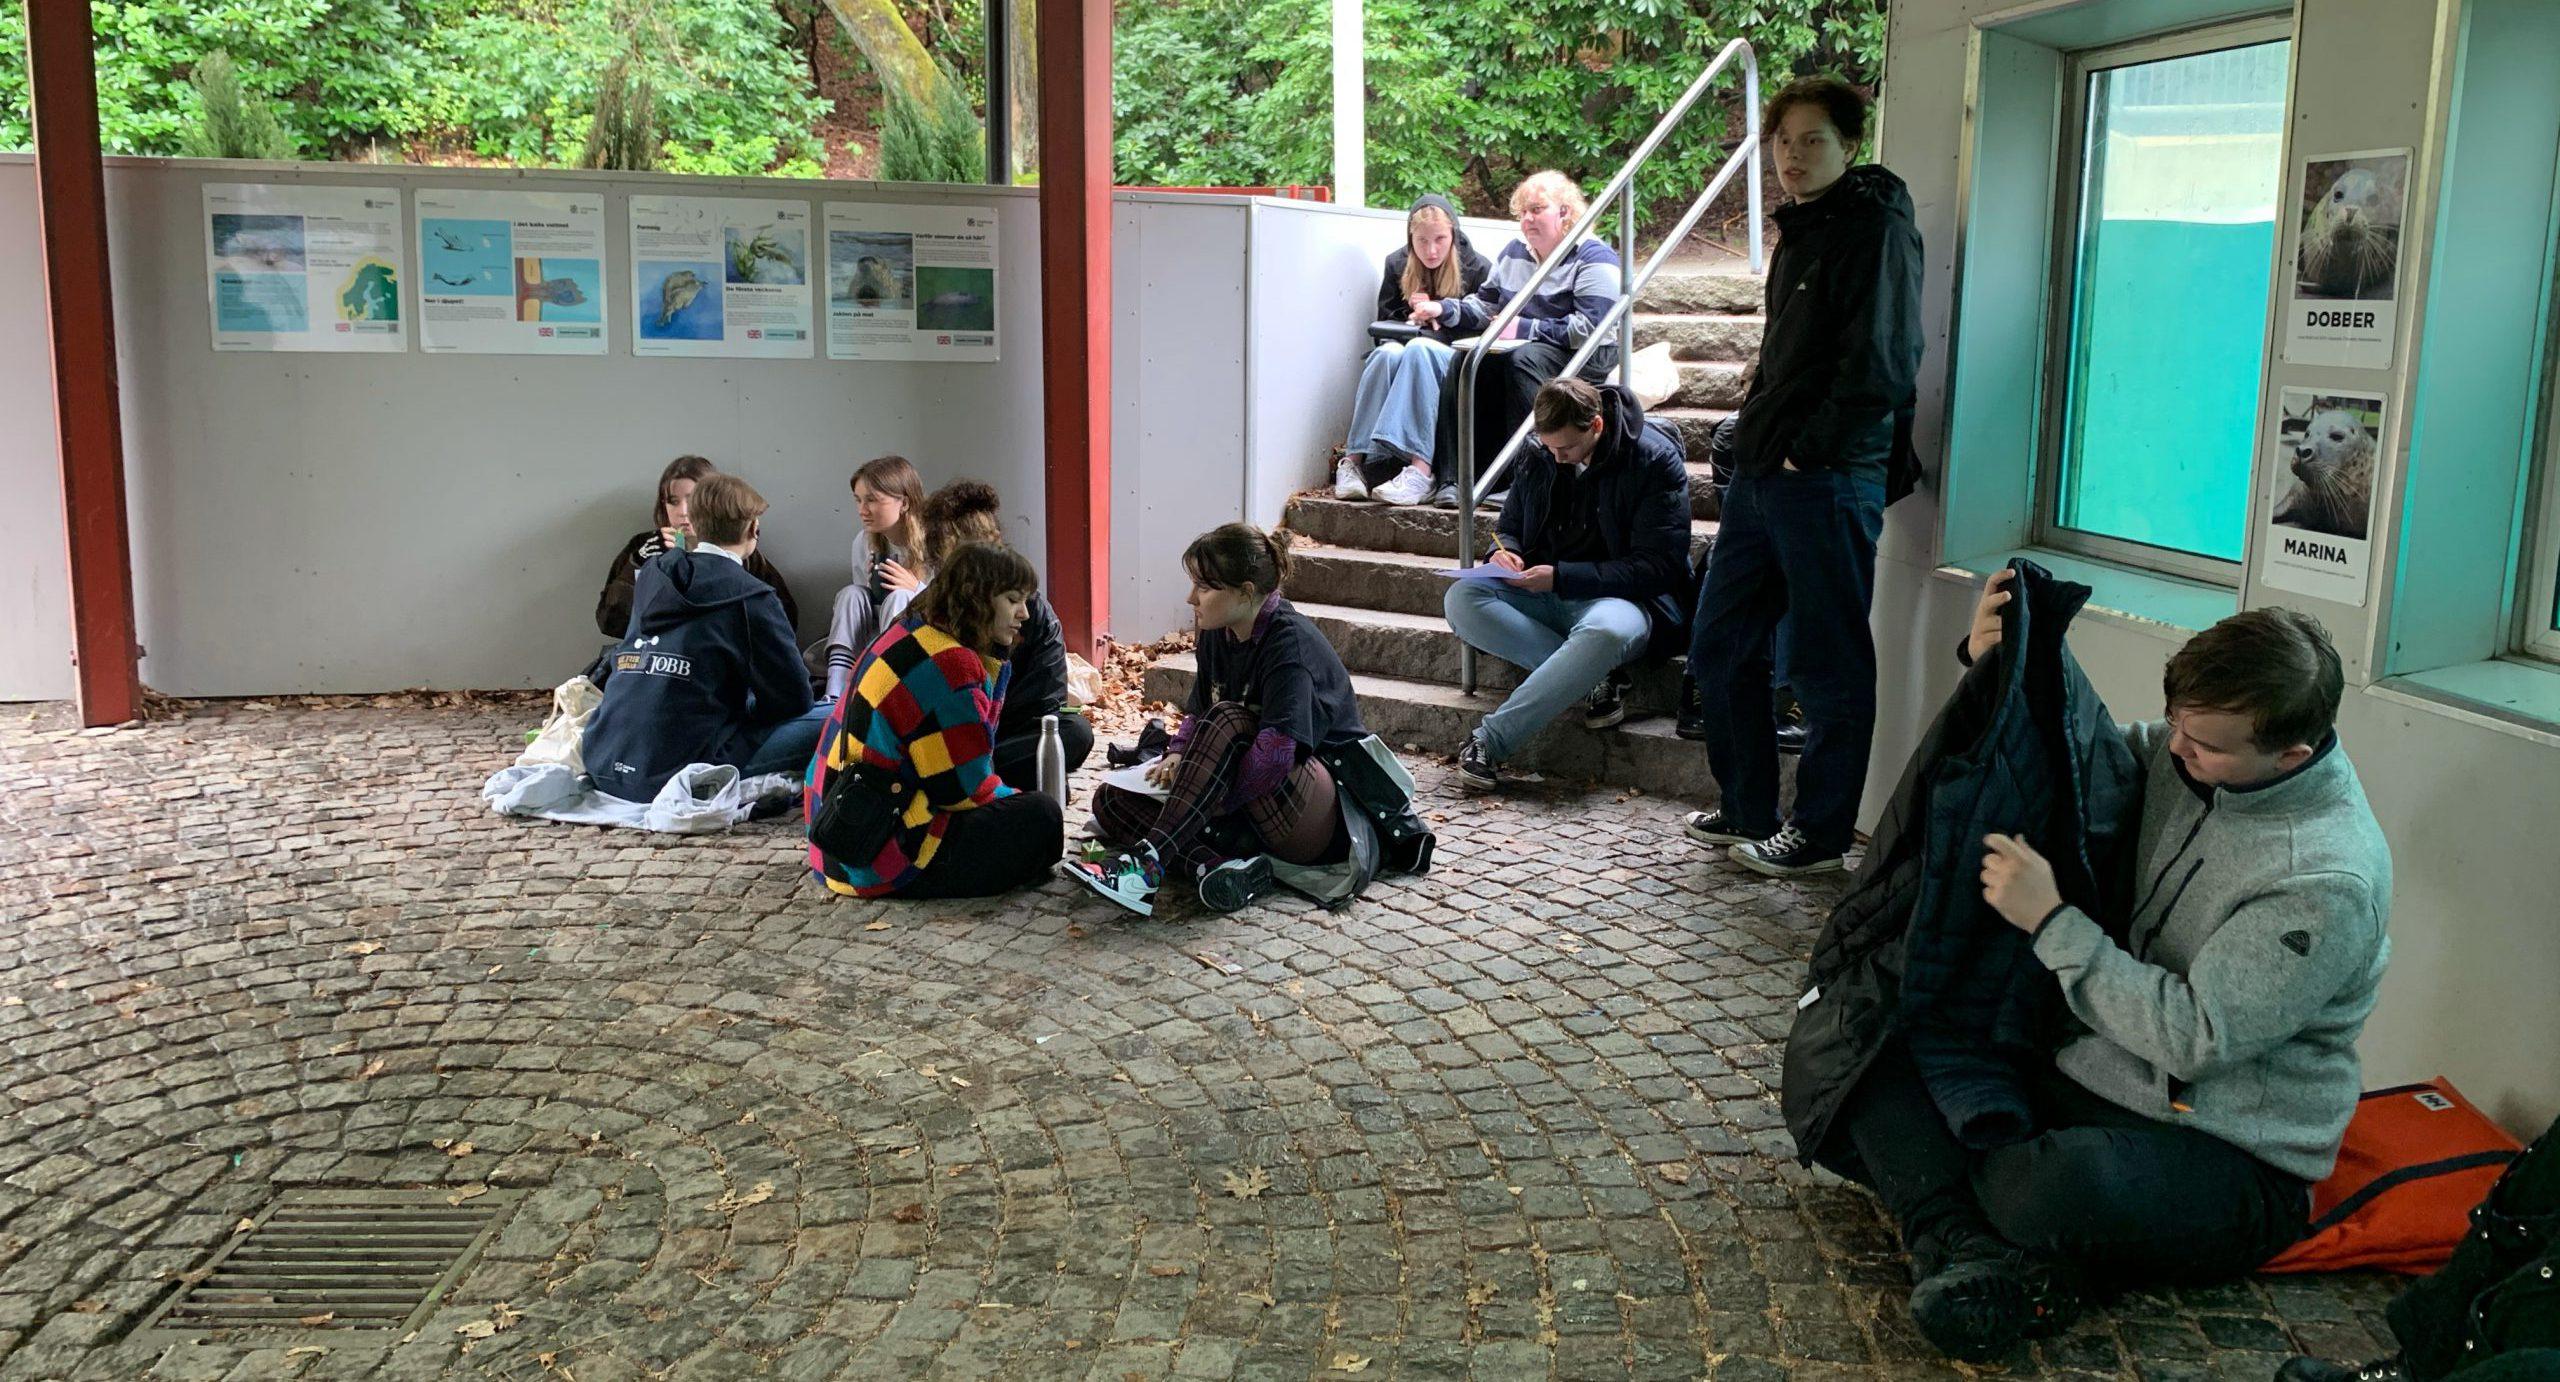 Undervisa hela klassen utomhus med ett trådlöst guidesystem